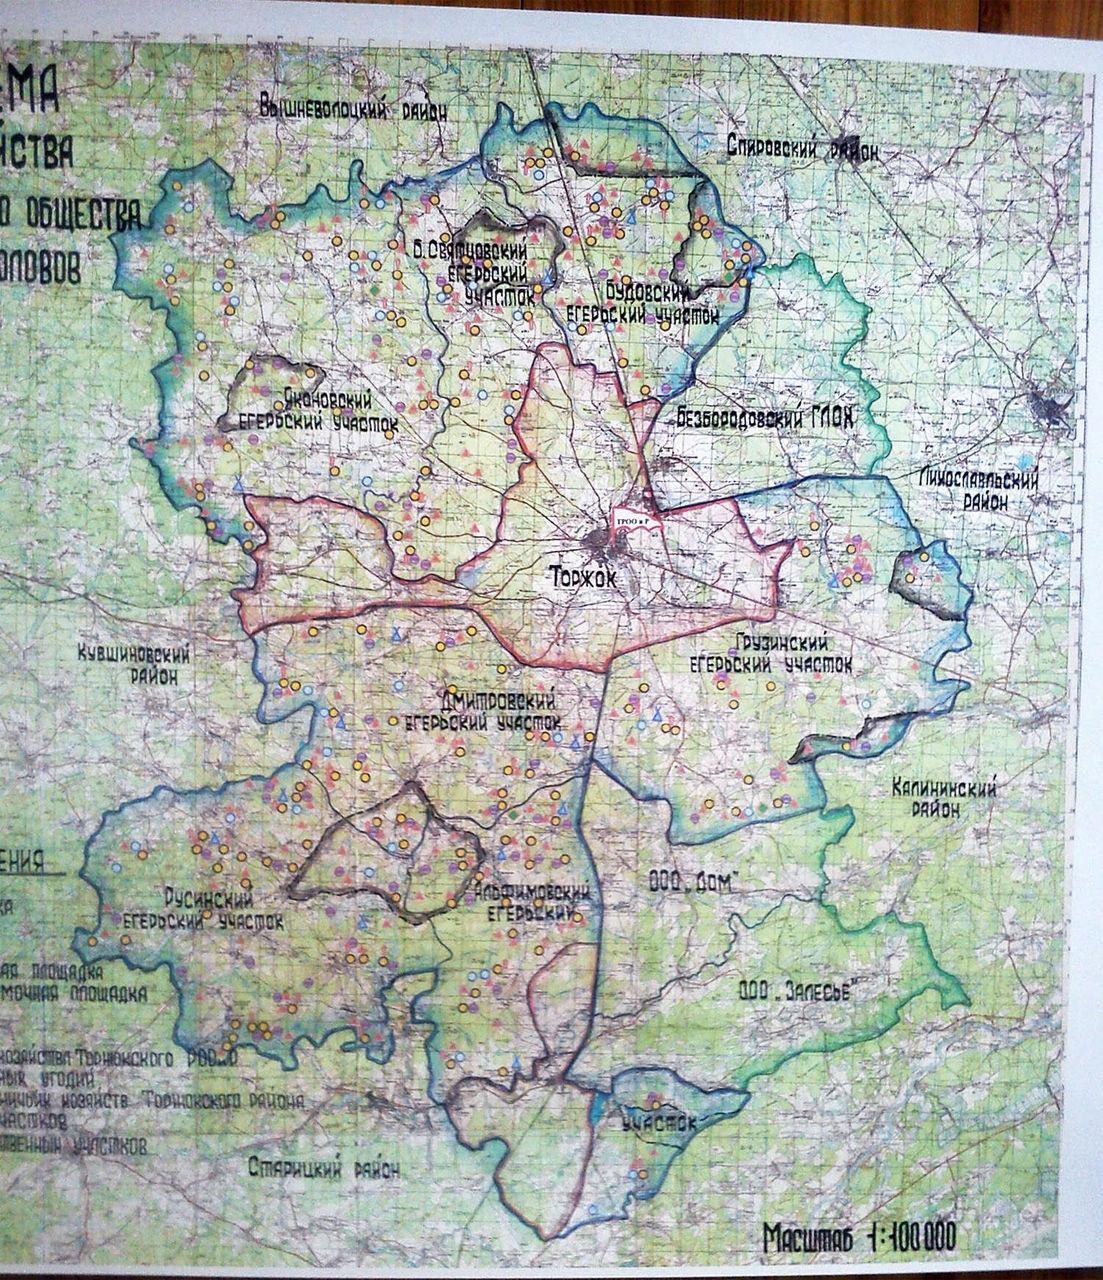 Карта для охотников и рыболовов тверской области